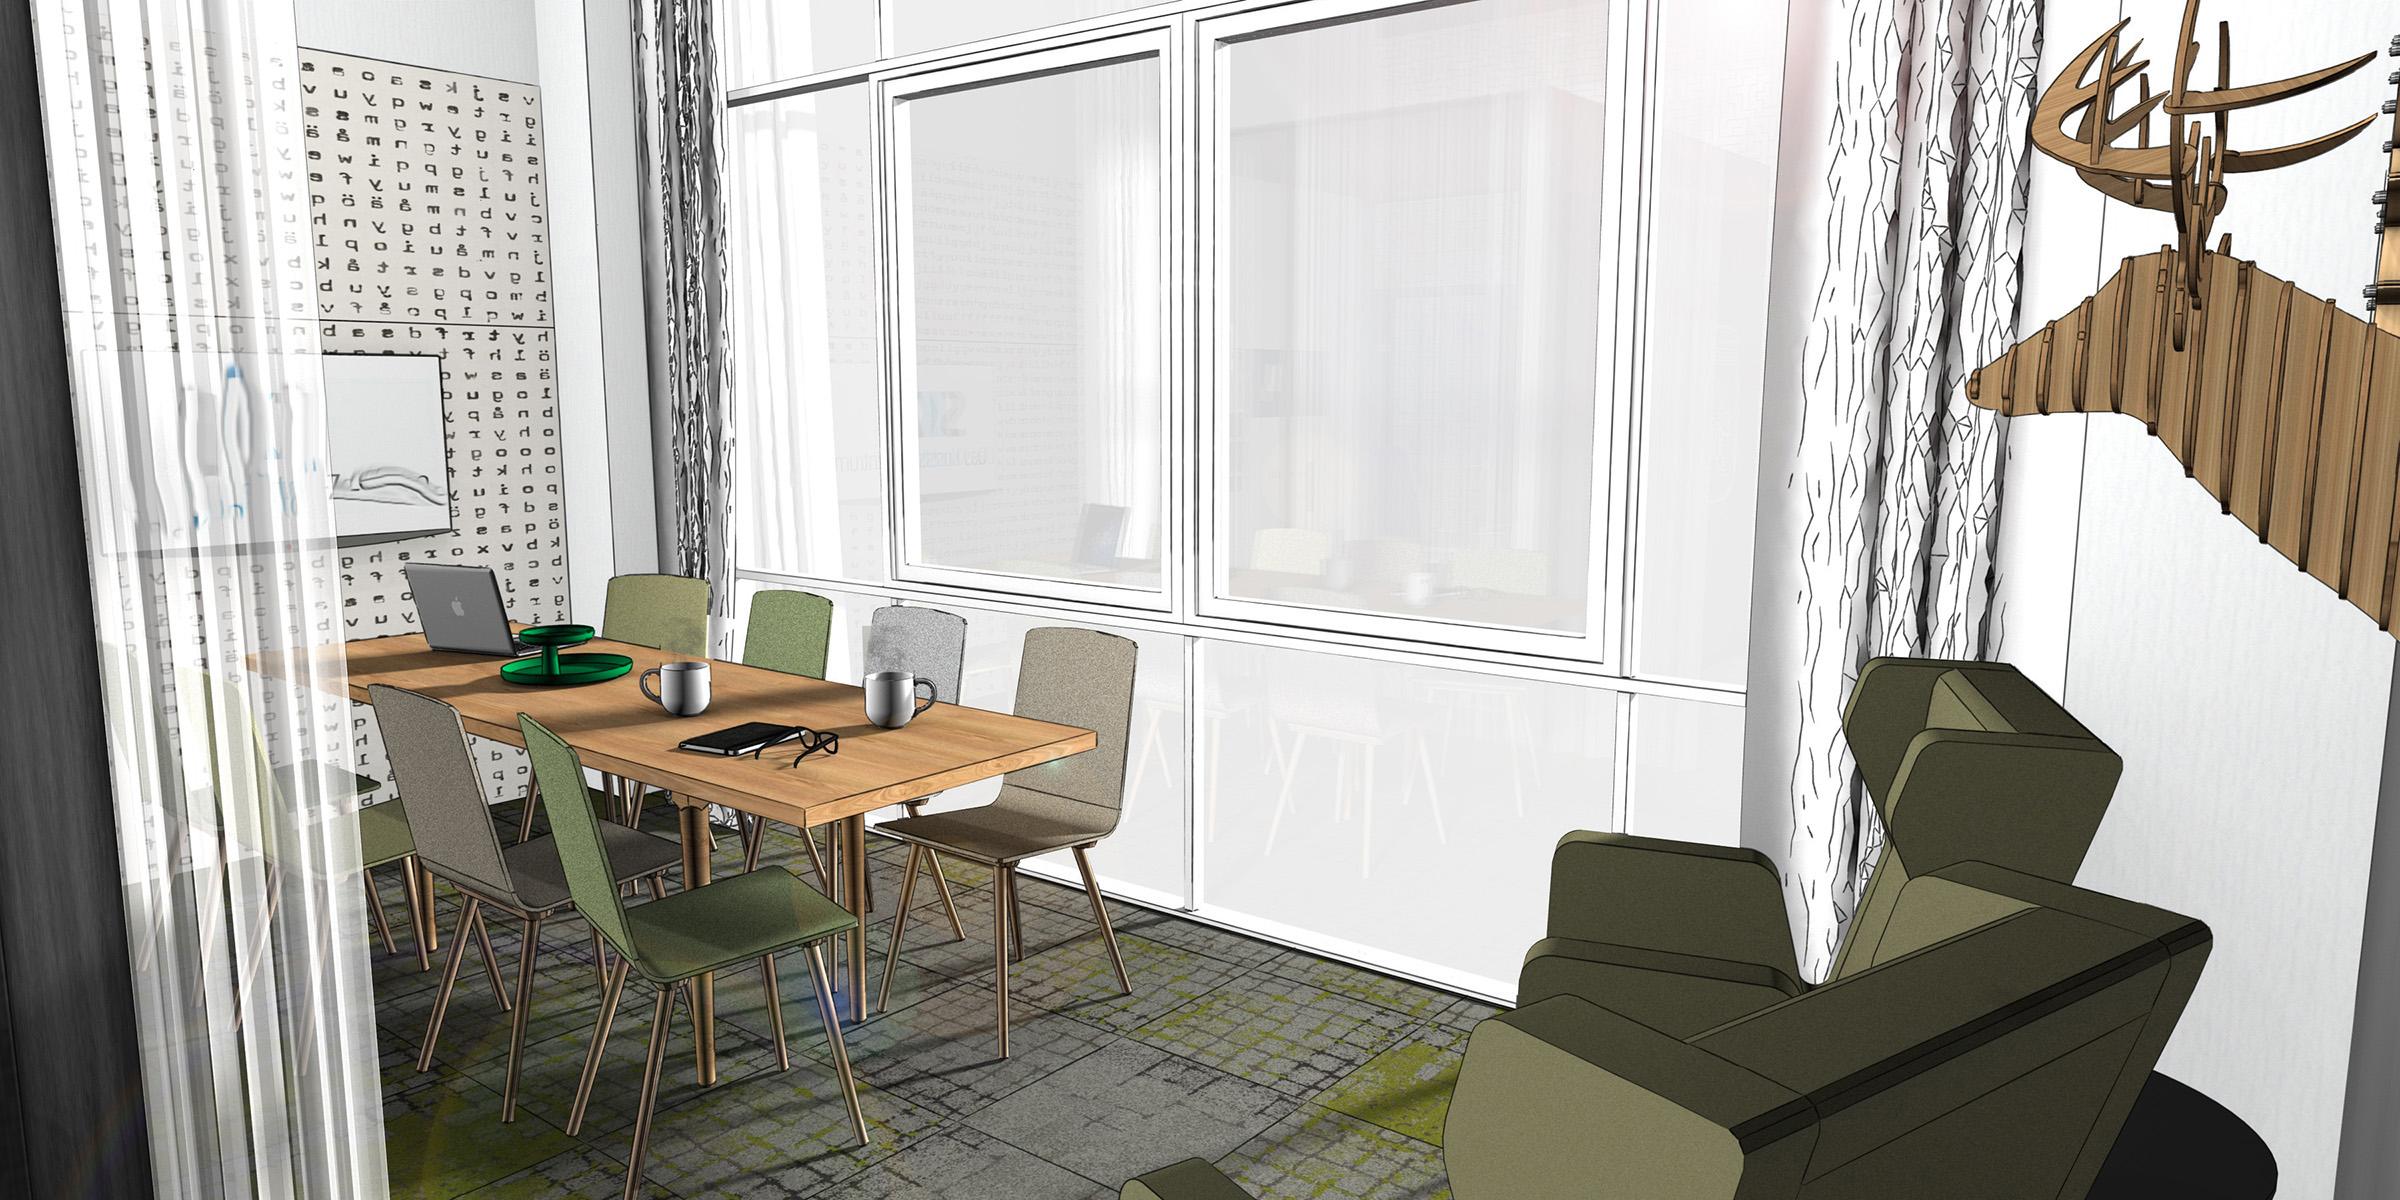 Teambereich der Teeküche, Esstisch in einem Büro, neue Arbeitwelten, Innenanrchitektur 3D Rendering